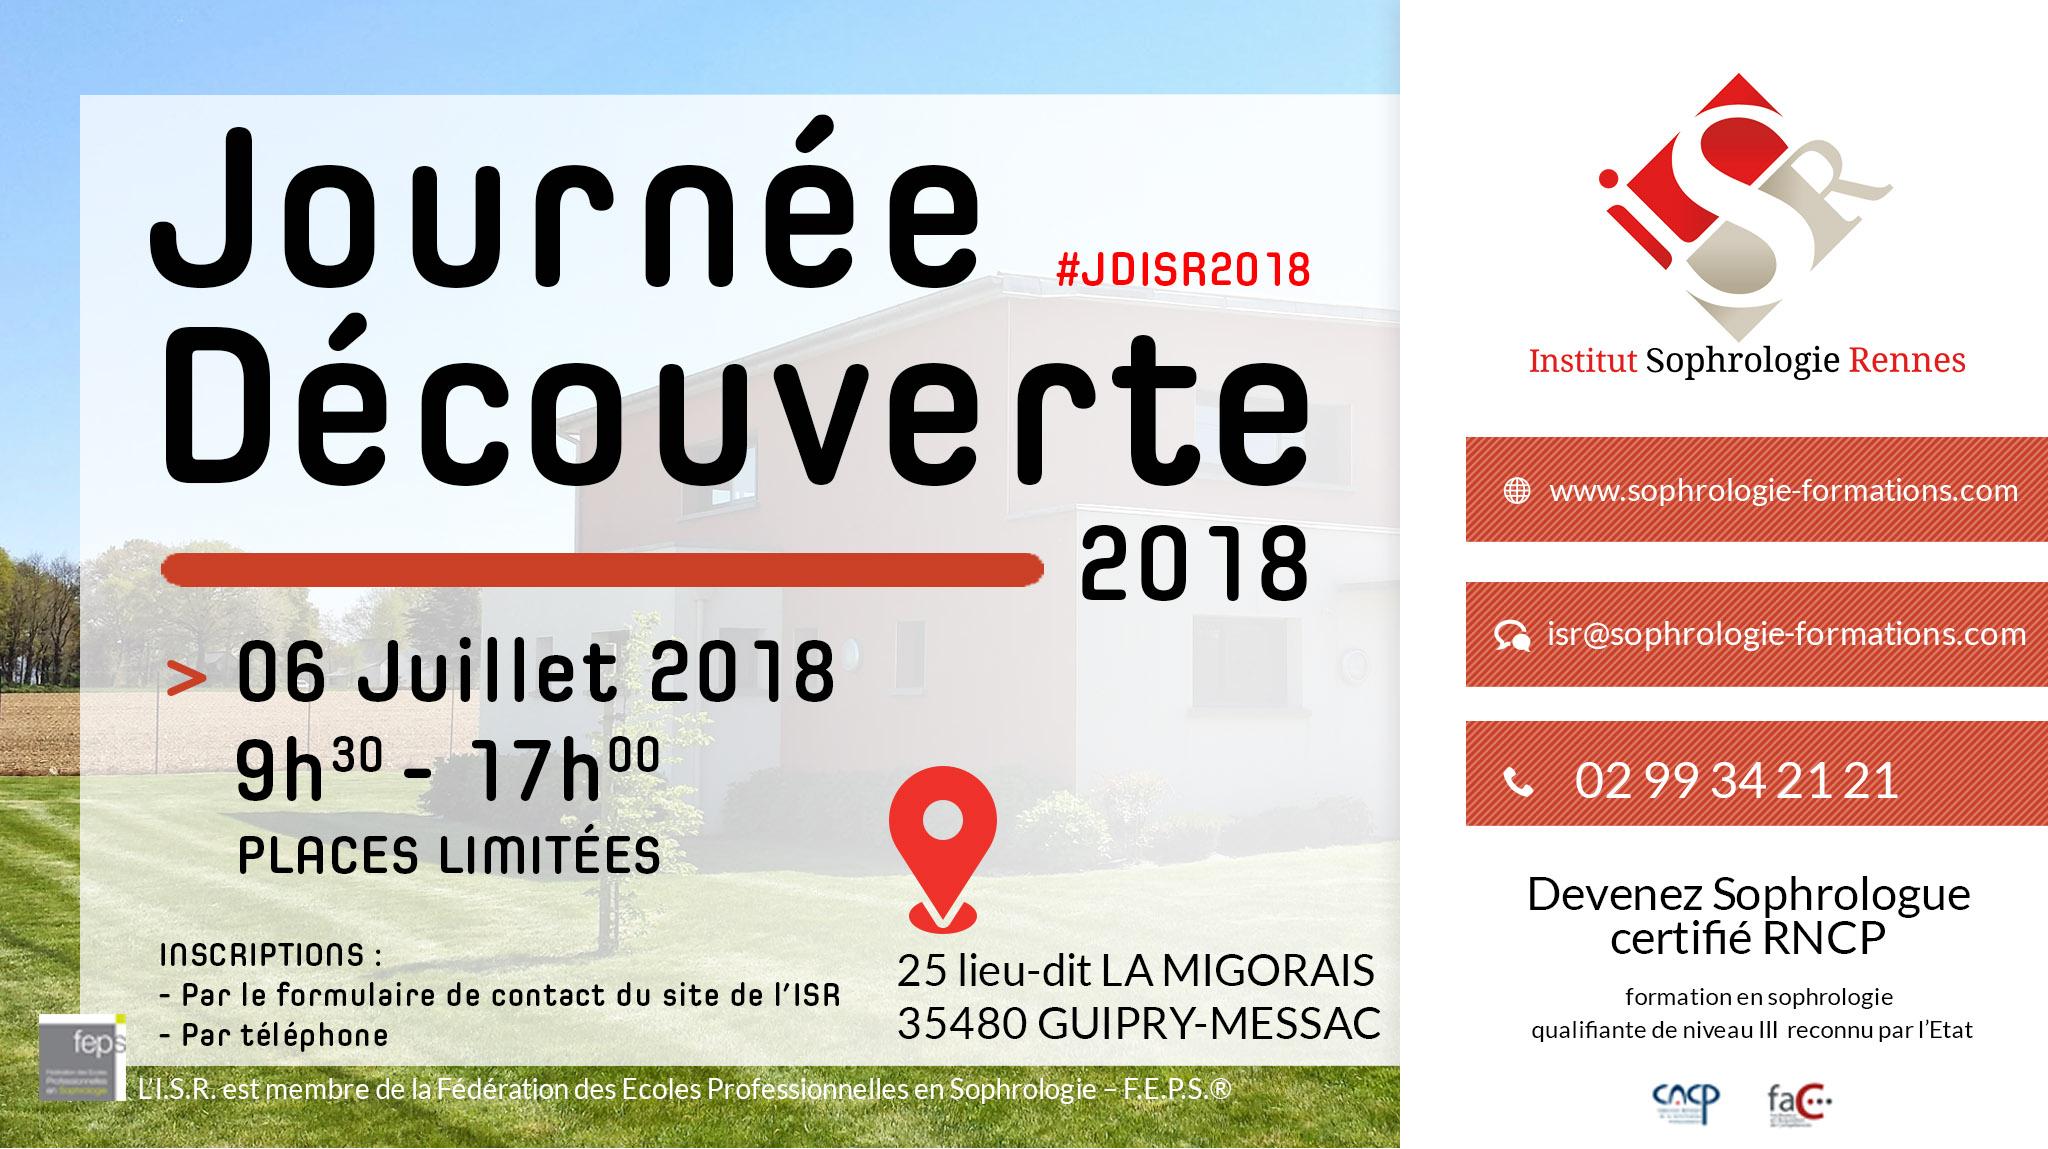 Journée découverte ISR 2018 - #JDISR2018